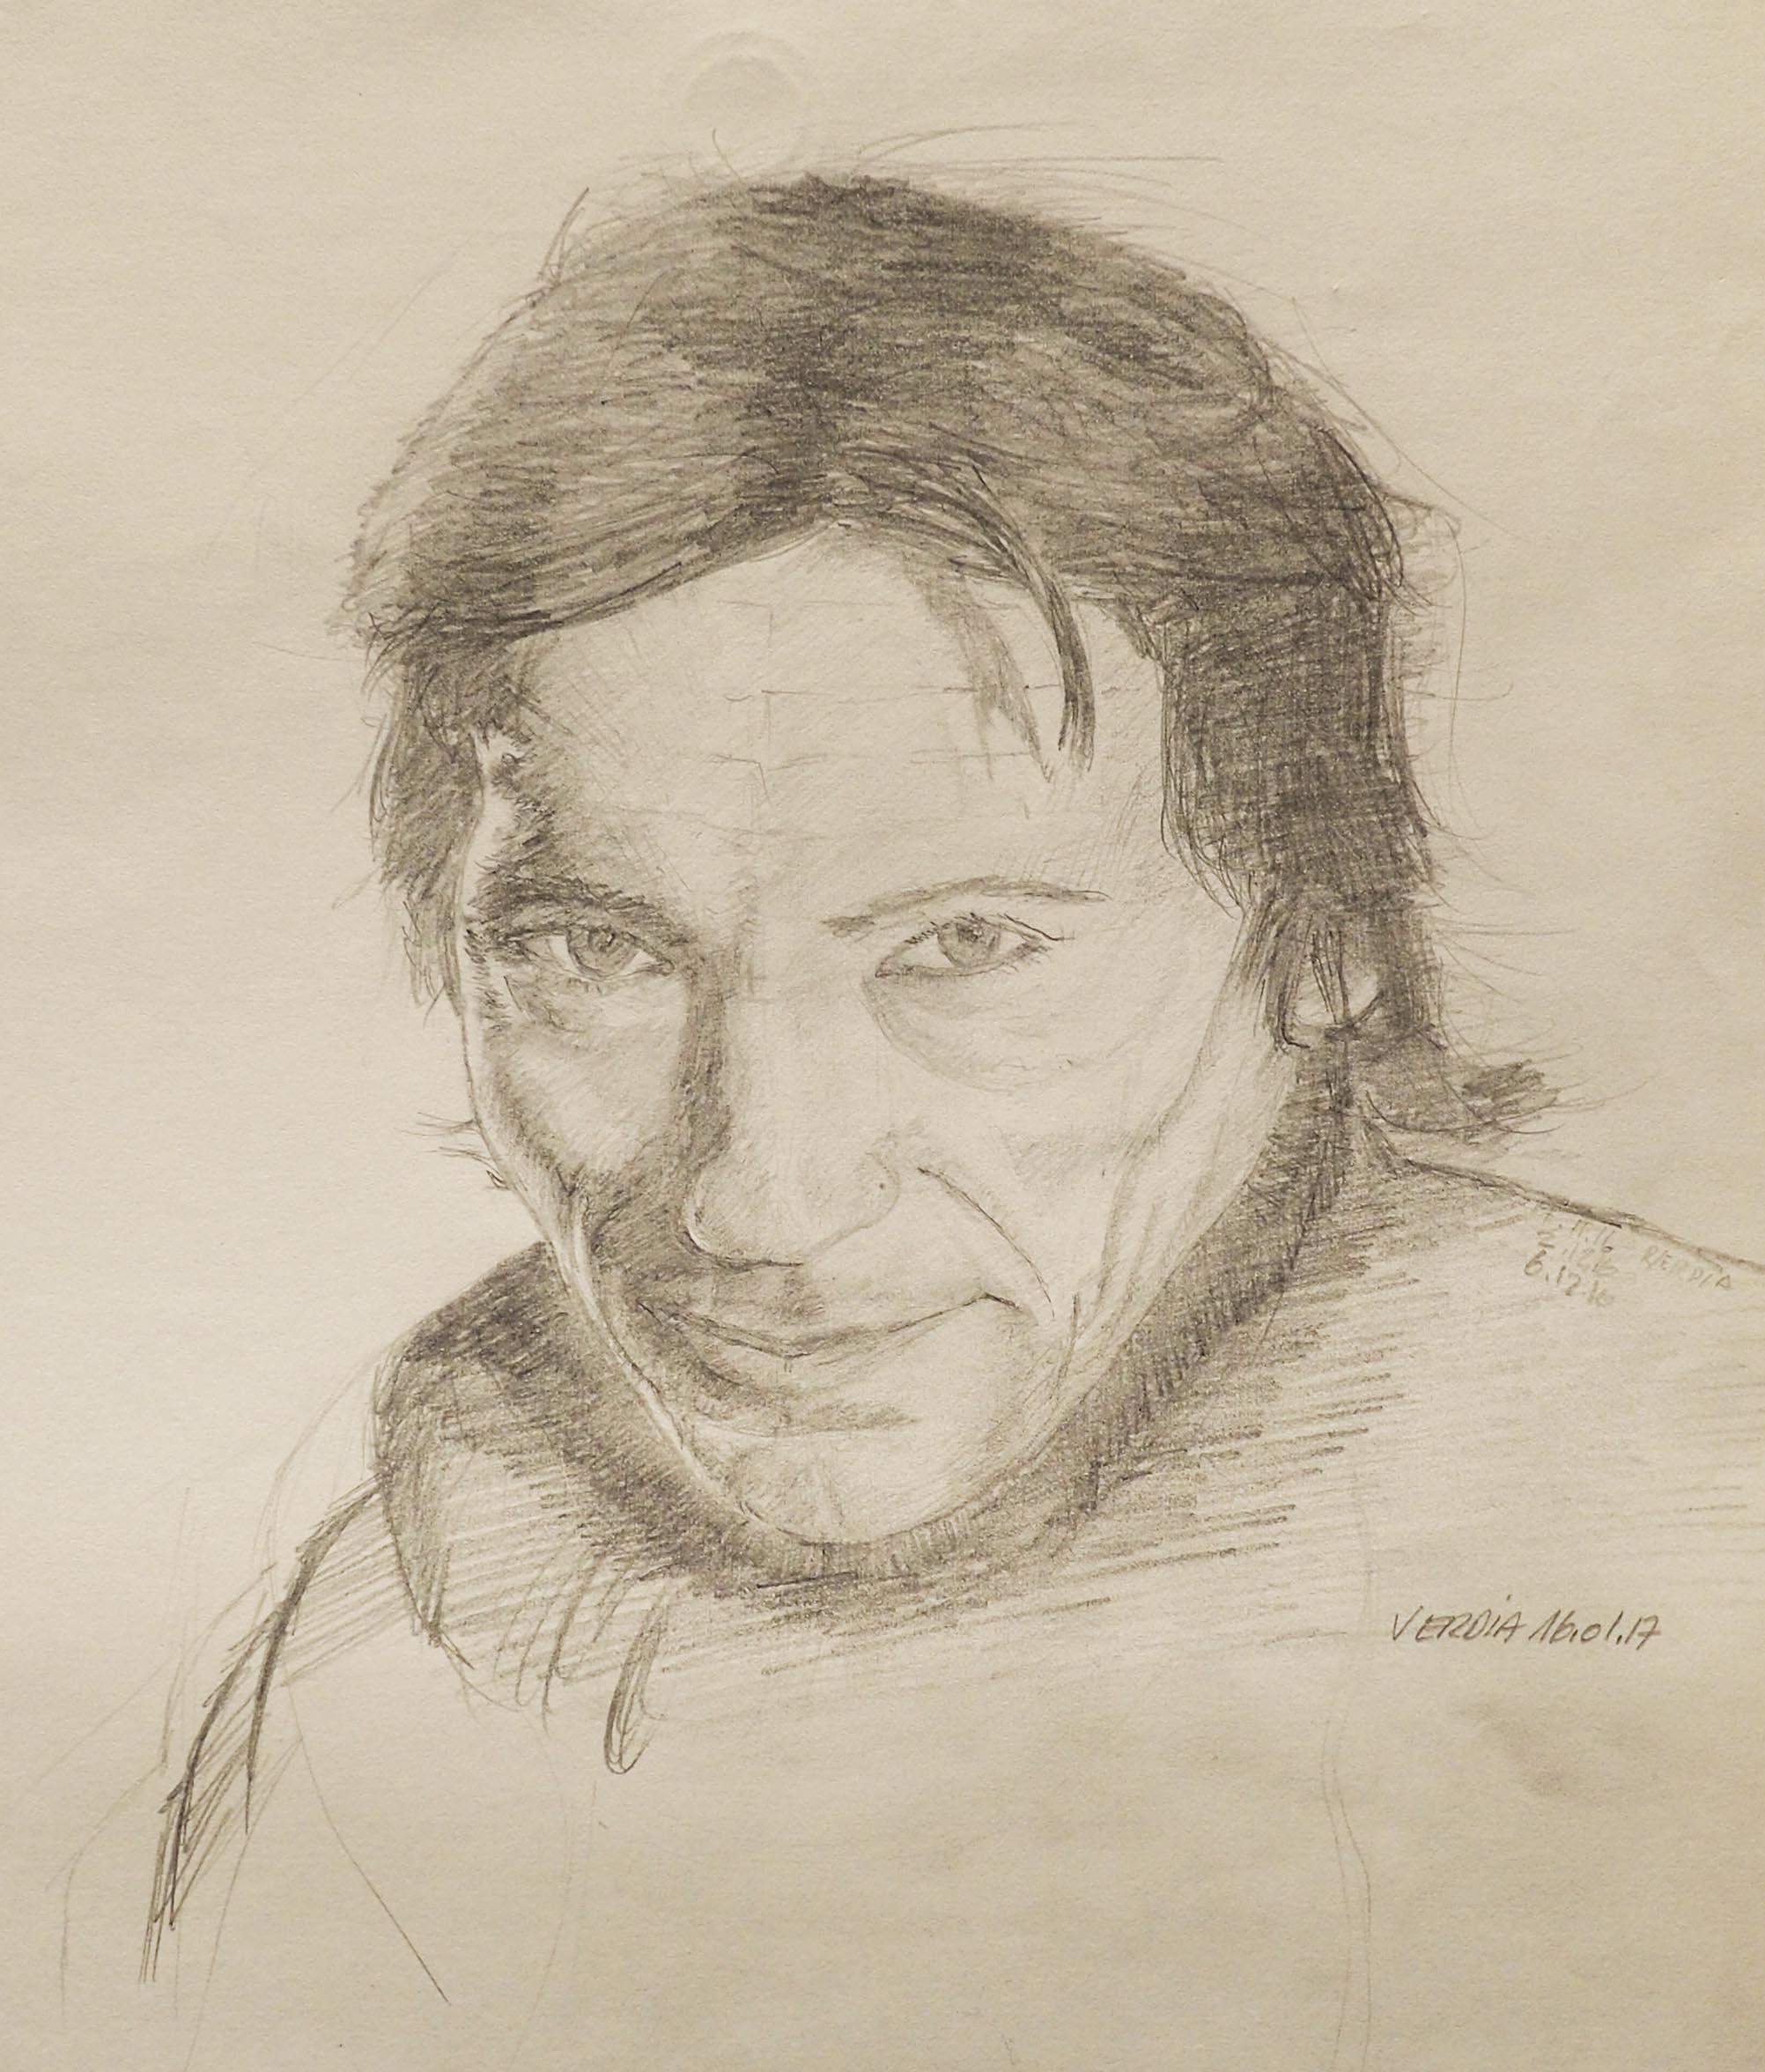 Remy Verdia, 30x28